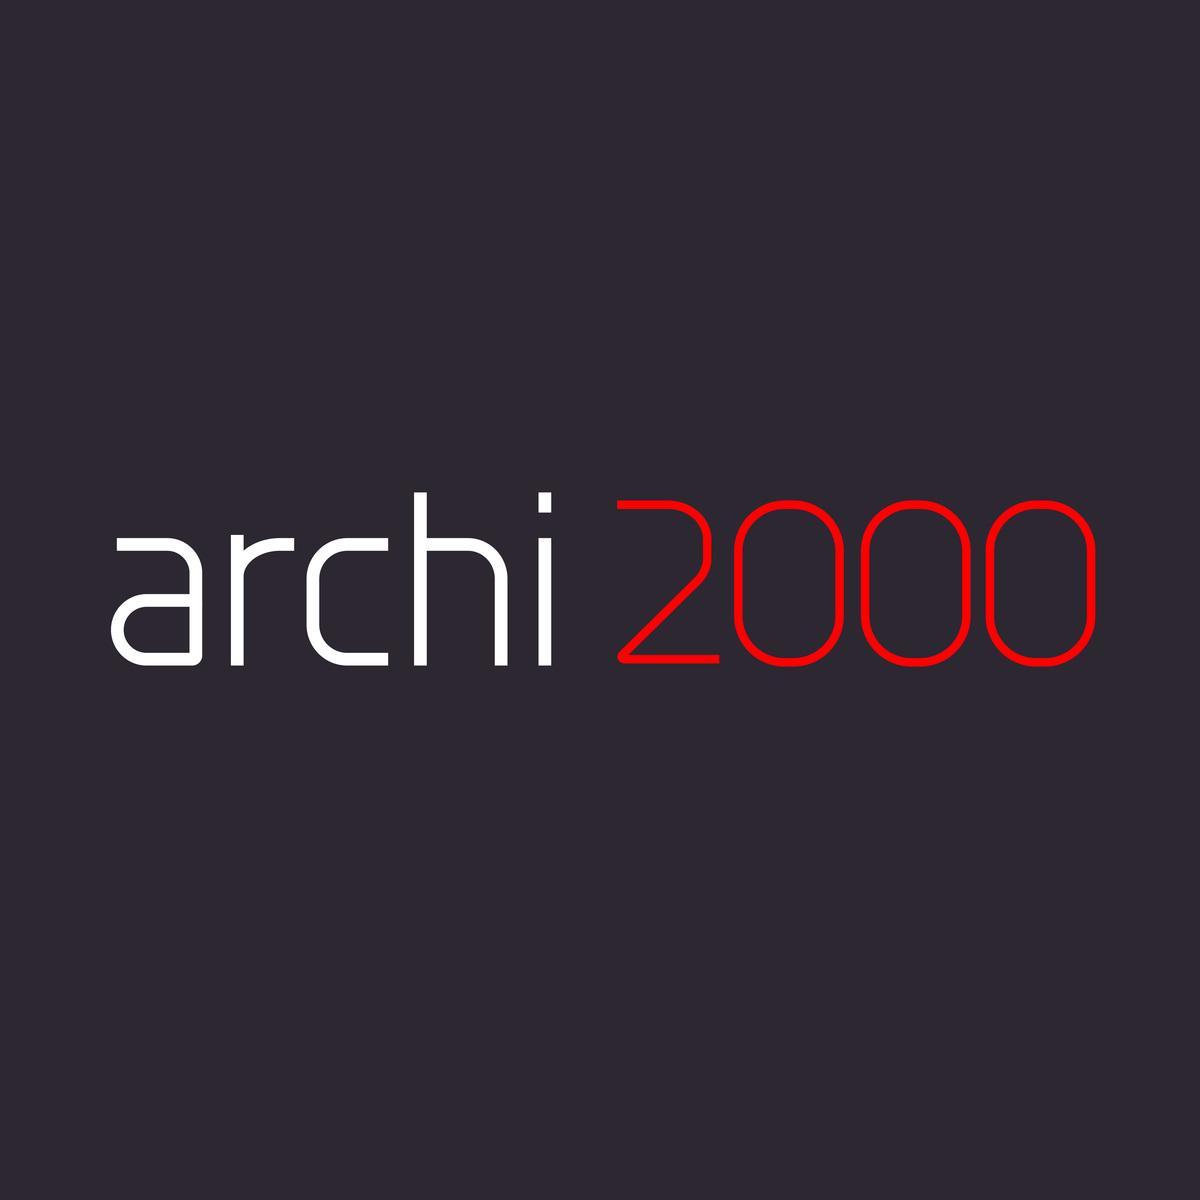 Archi2000